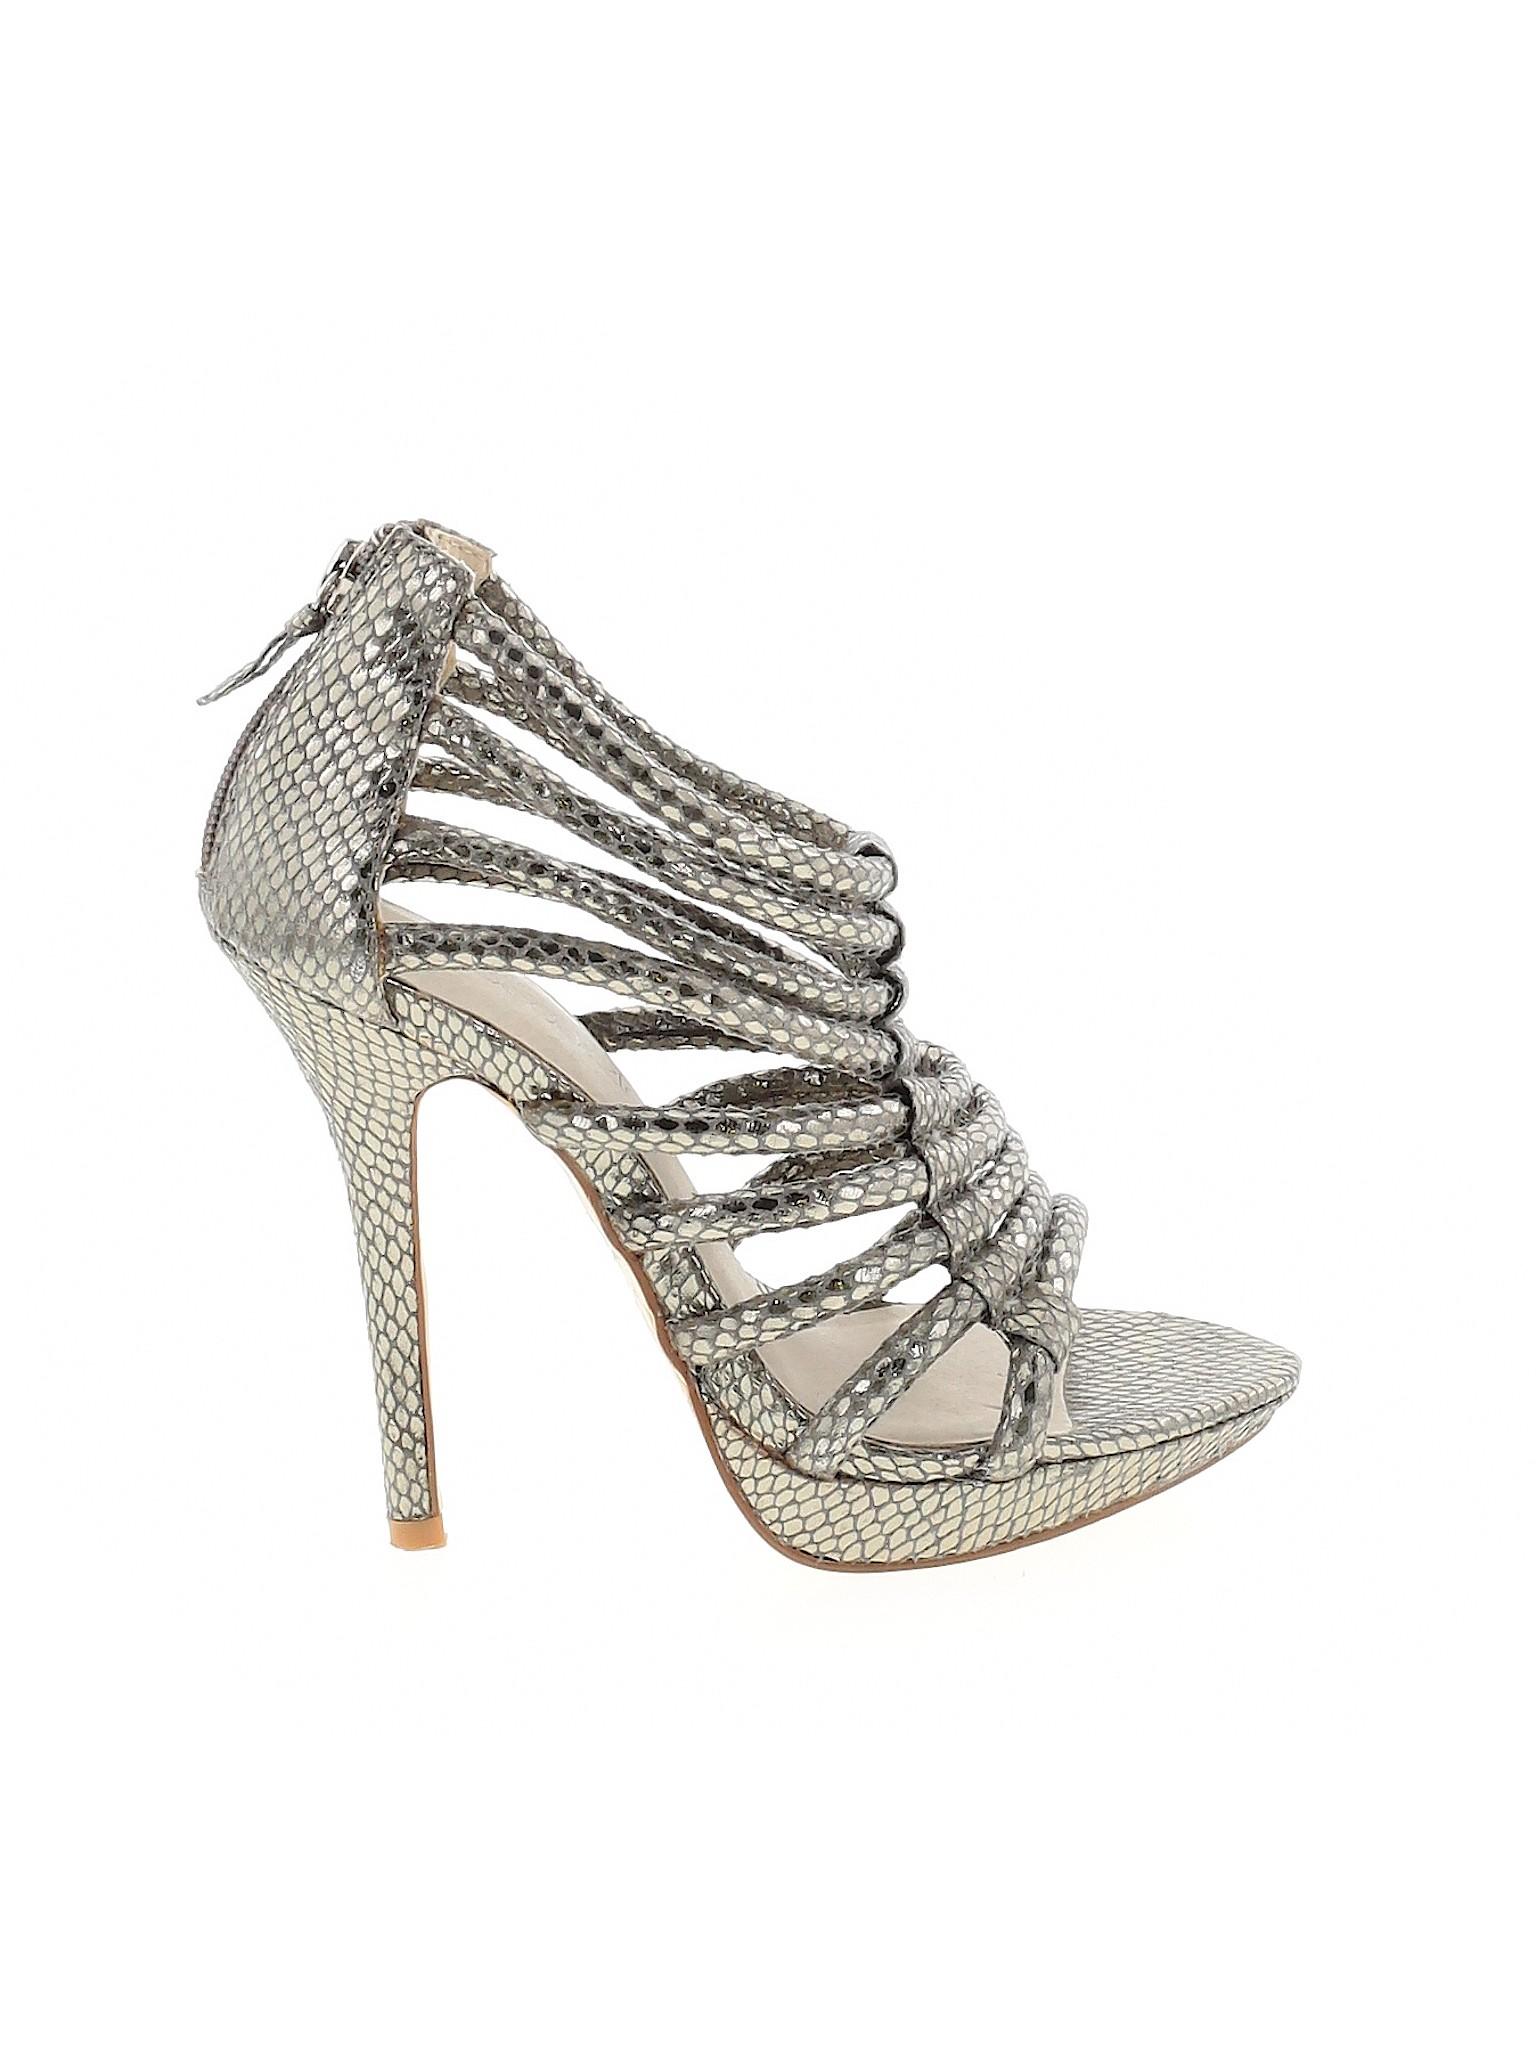 Shoedazzle Women Silver Heels Us 5 1 2 Ebay